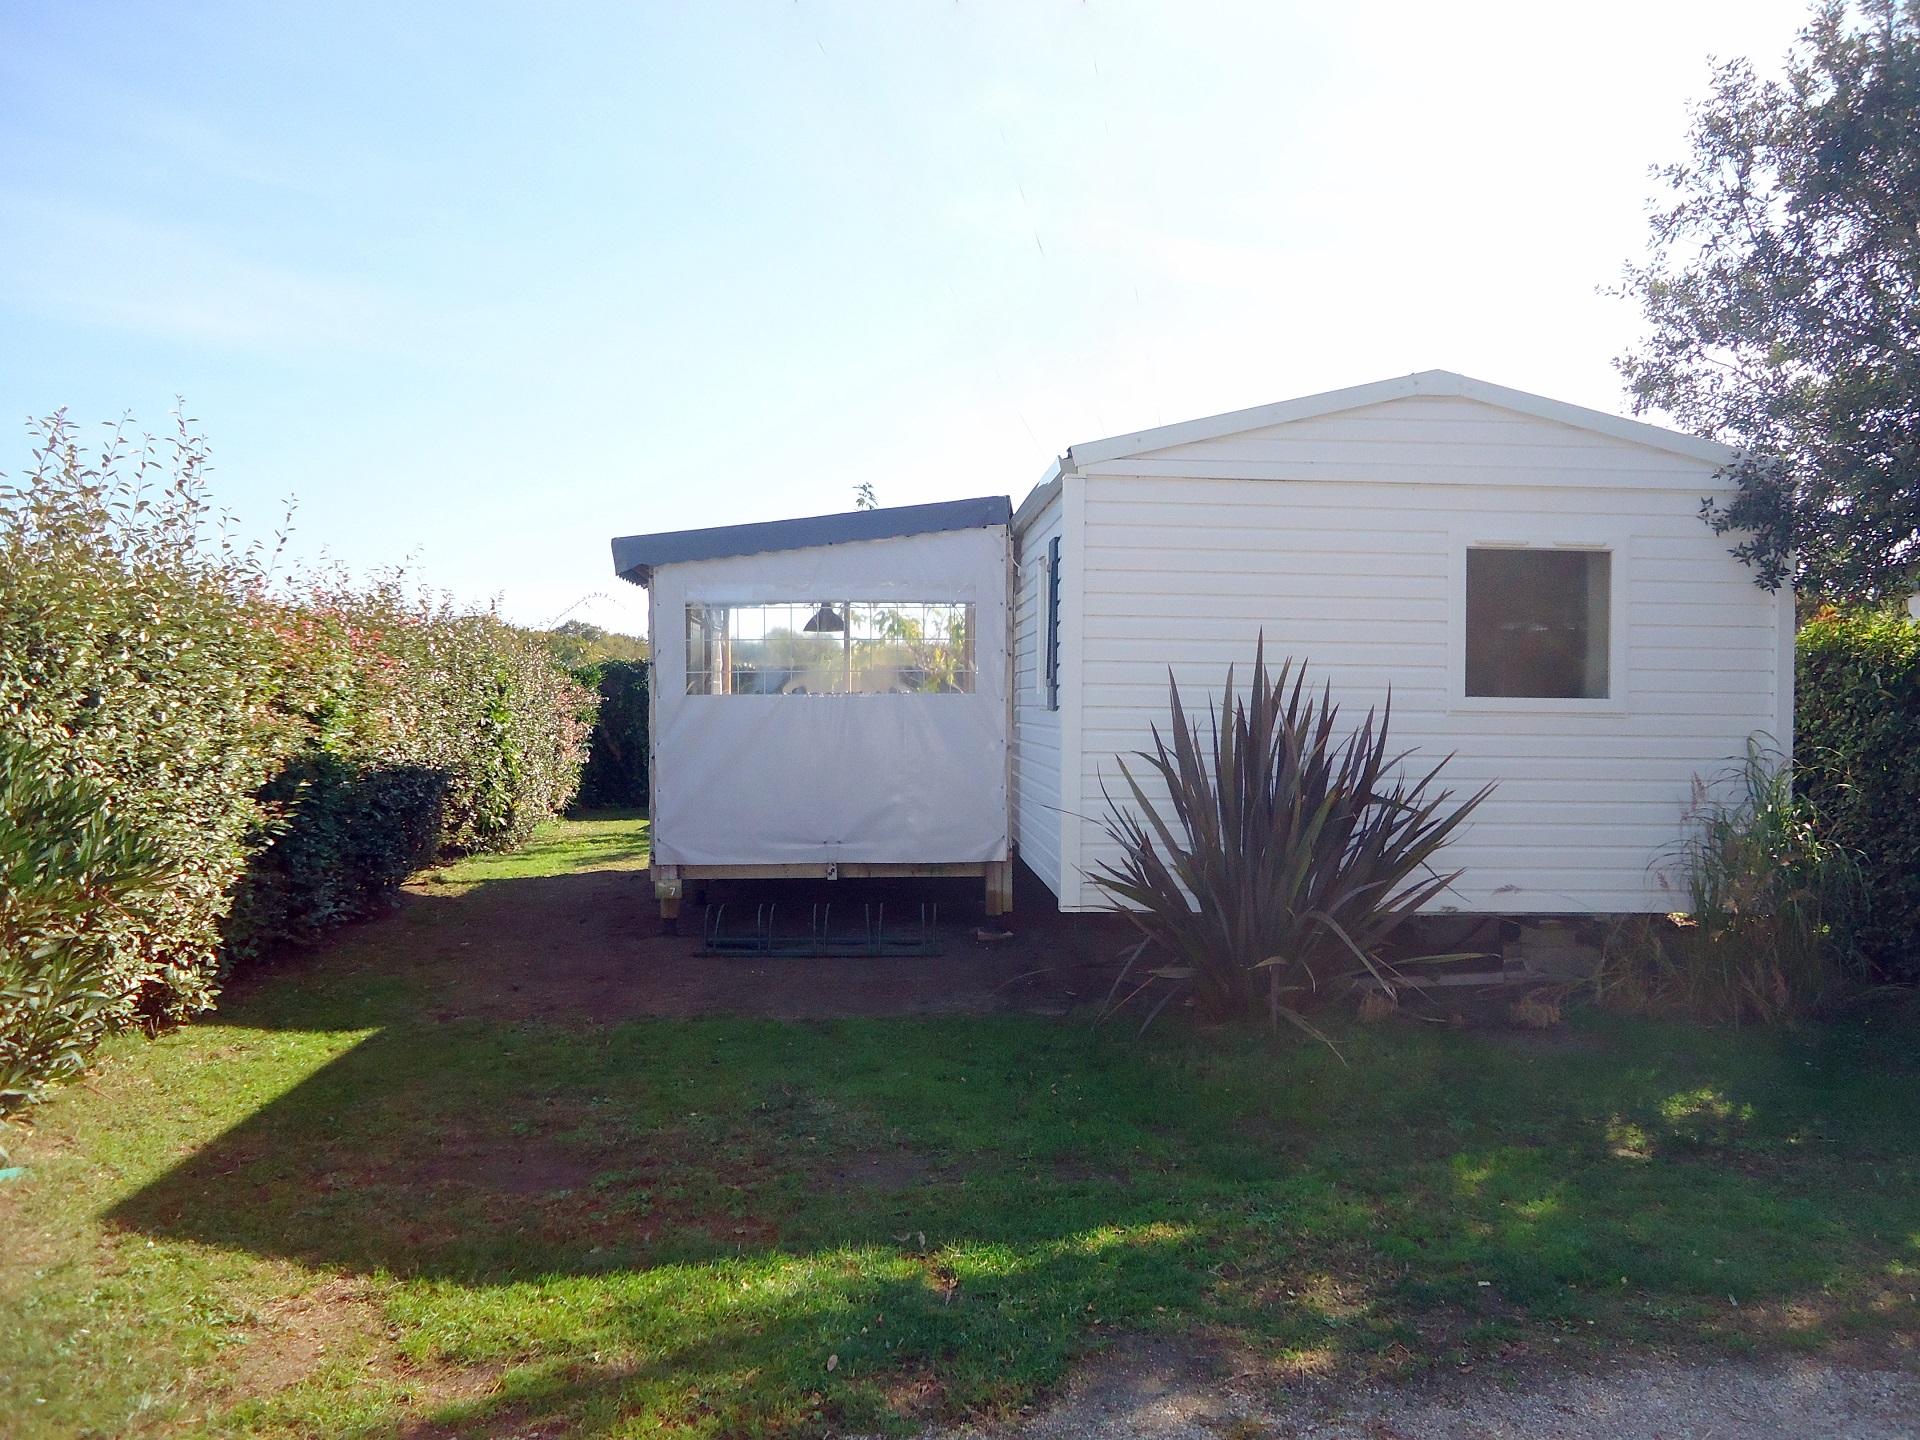 Camping les grissotières alquiler casa móvil Jack Rachkam con gran jardín